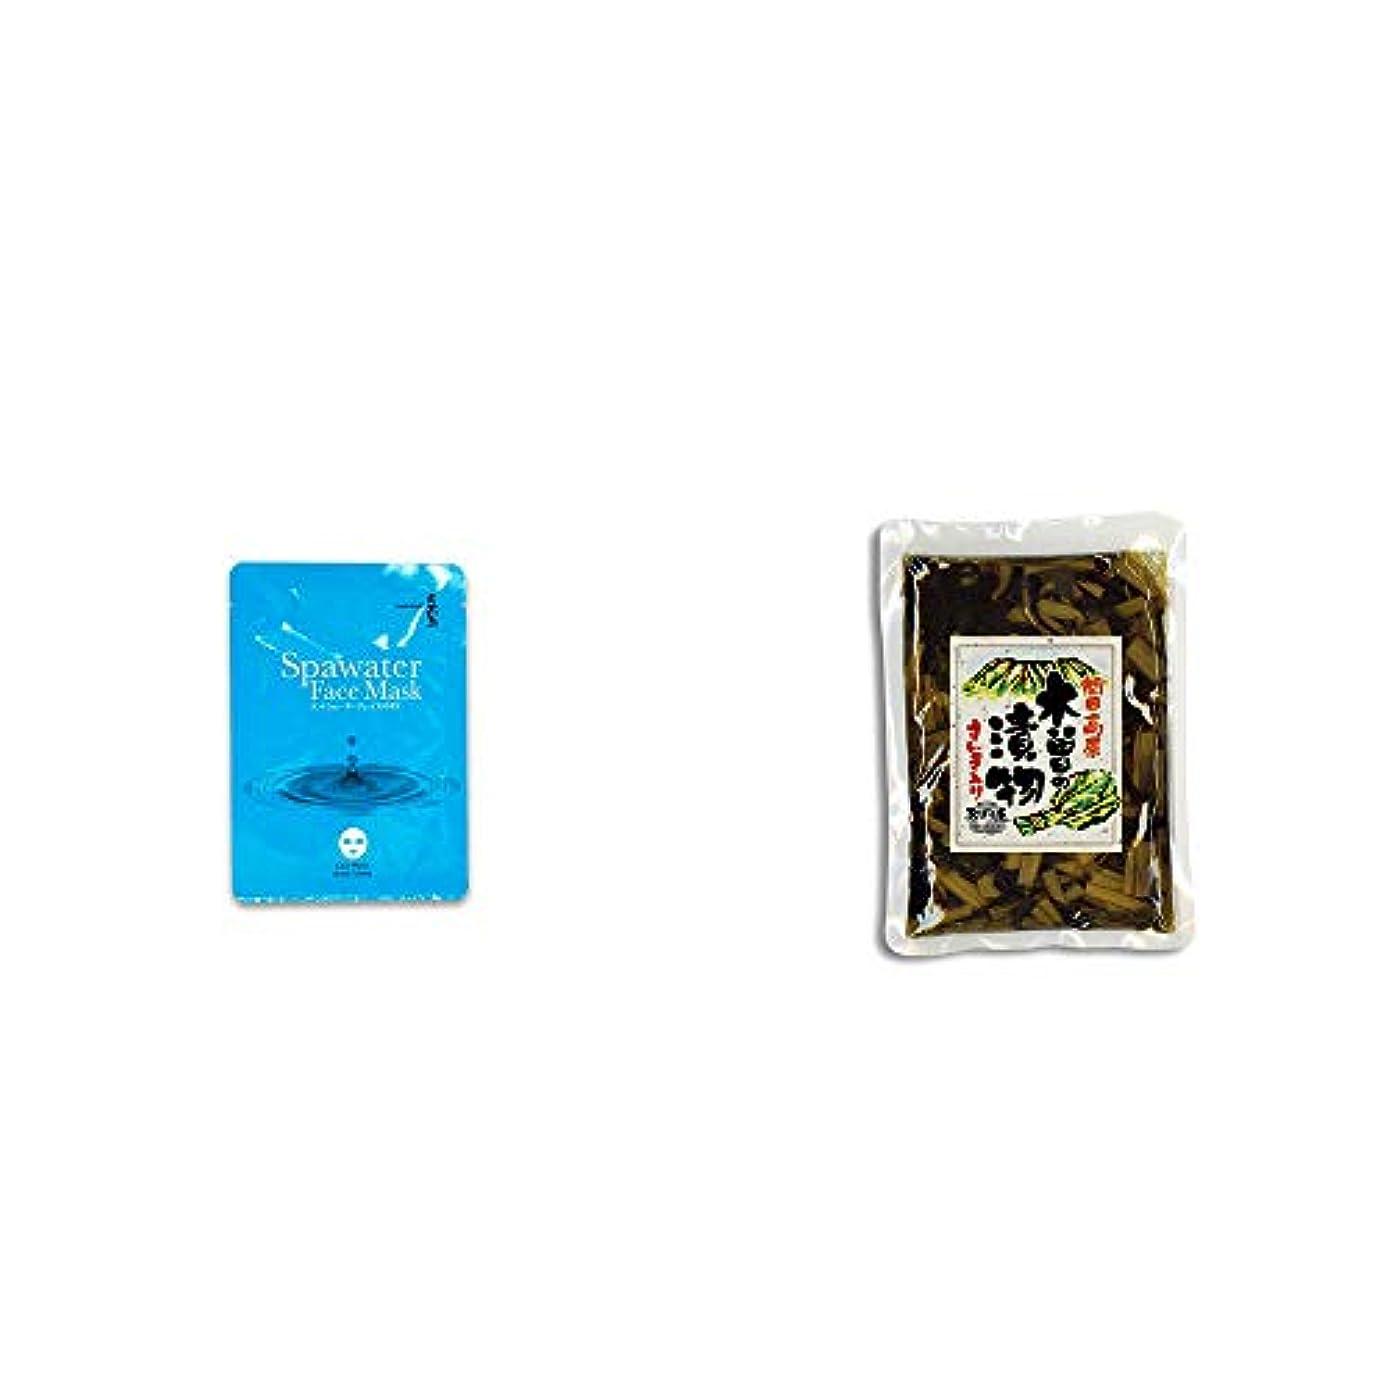 平和な信頼性悪の[2点セット] ひのき炭黒泉 スパウォーターフェイスマスク(18ml×3枚入)?【年中販売】木曽の漬物 すんき入り(200g) / すんき漬け味付加工品 //